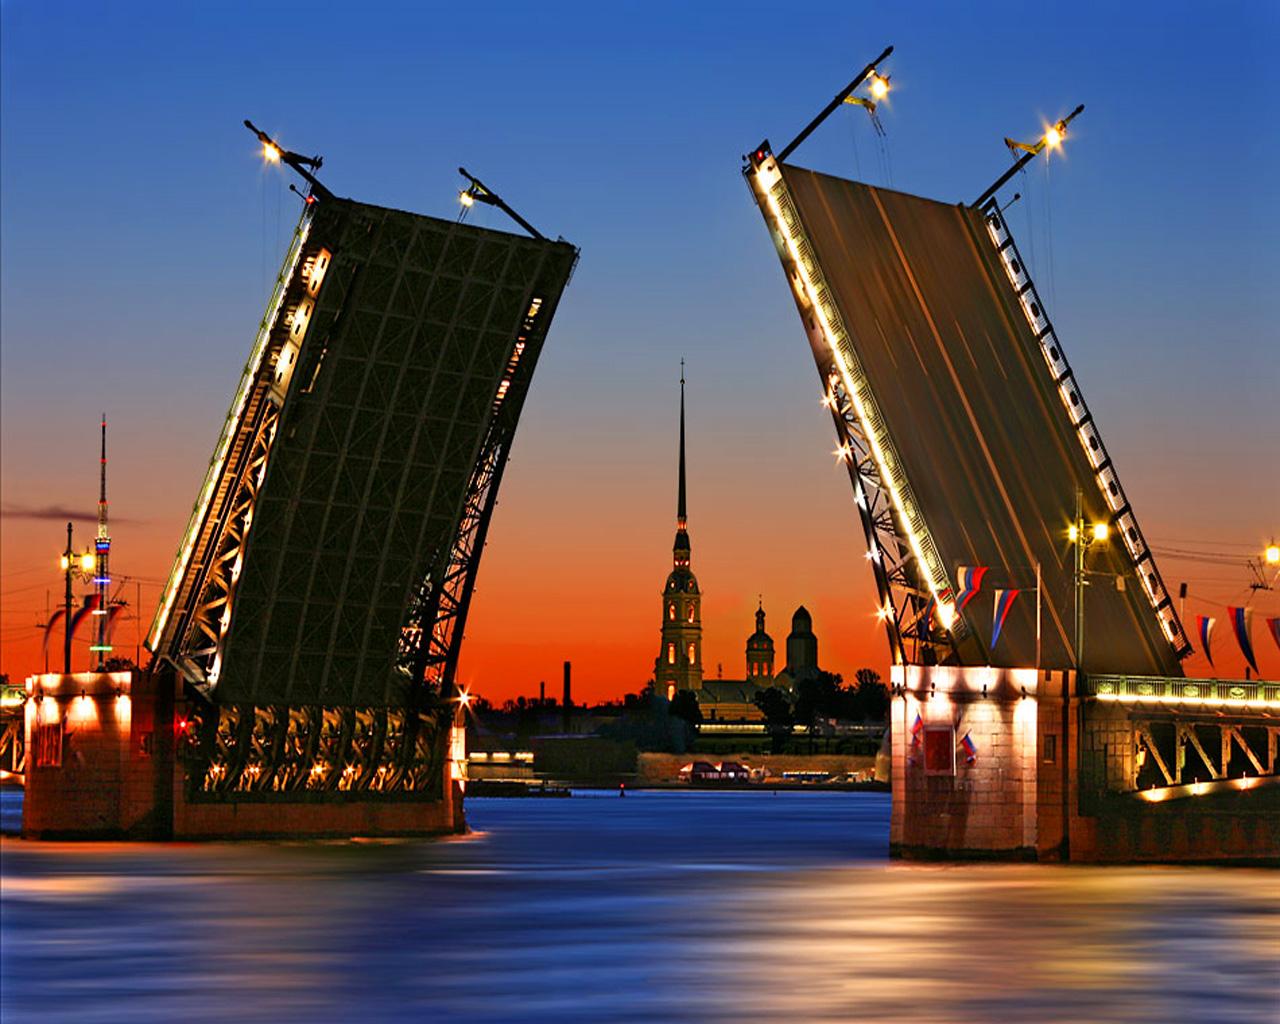 Картинки по запросу туры по россии из спб описание услуги